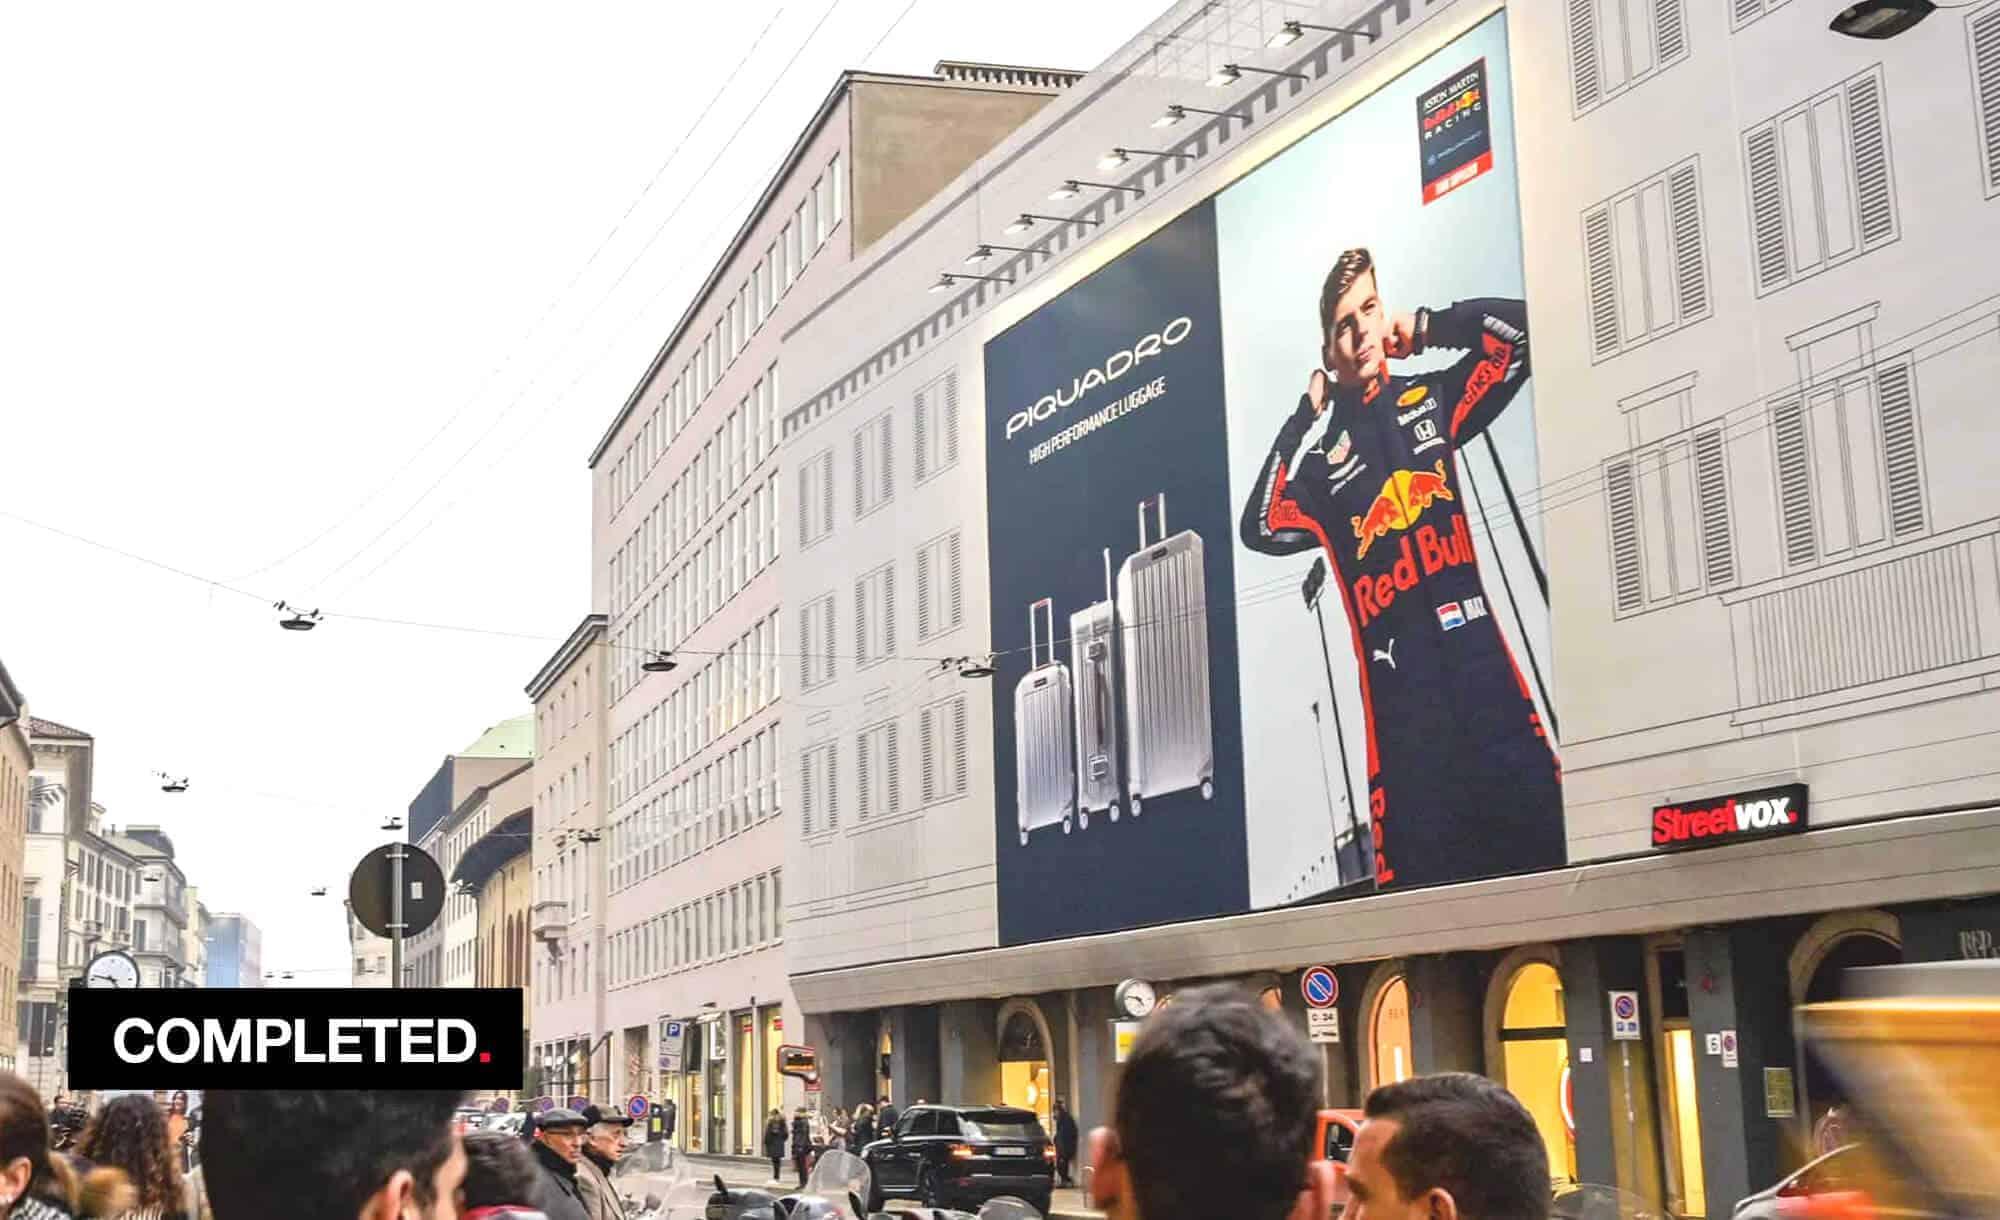 Maxi Affisione a Milano in Via Venezia 6 con Piquadro (Fashion)